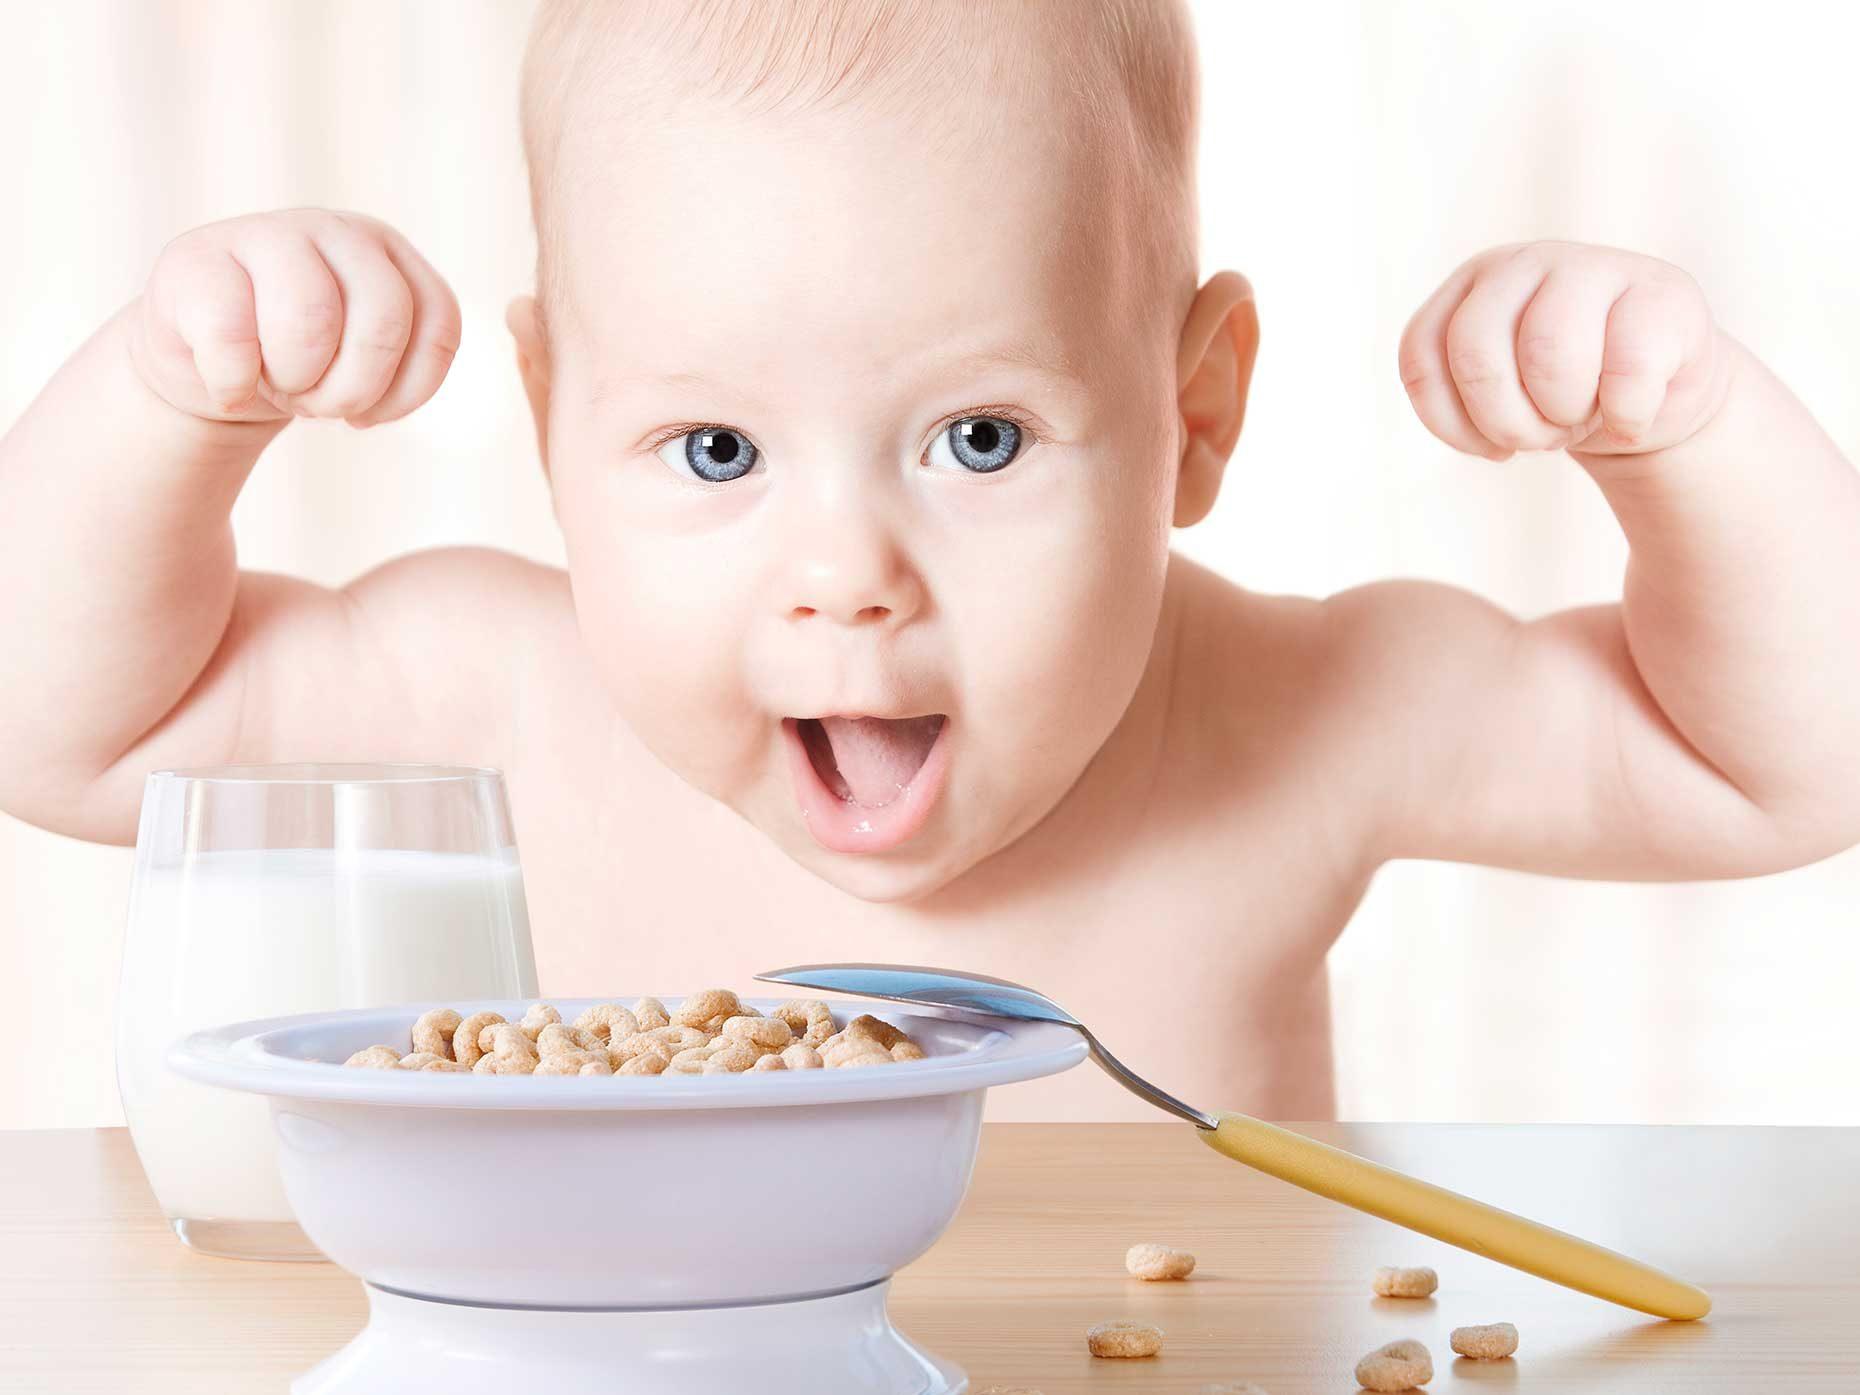 bambino esulta davanti una ciotola di cereali e un bicchiere di latte